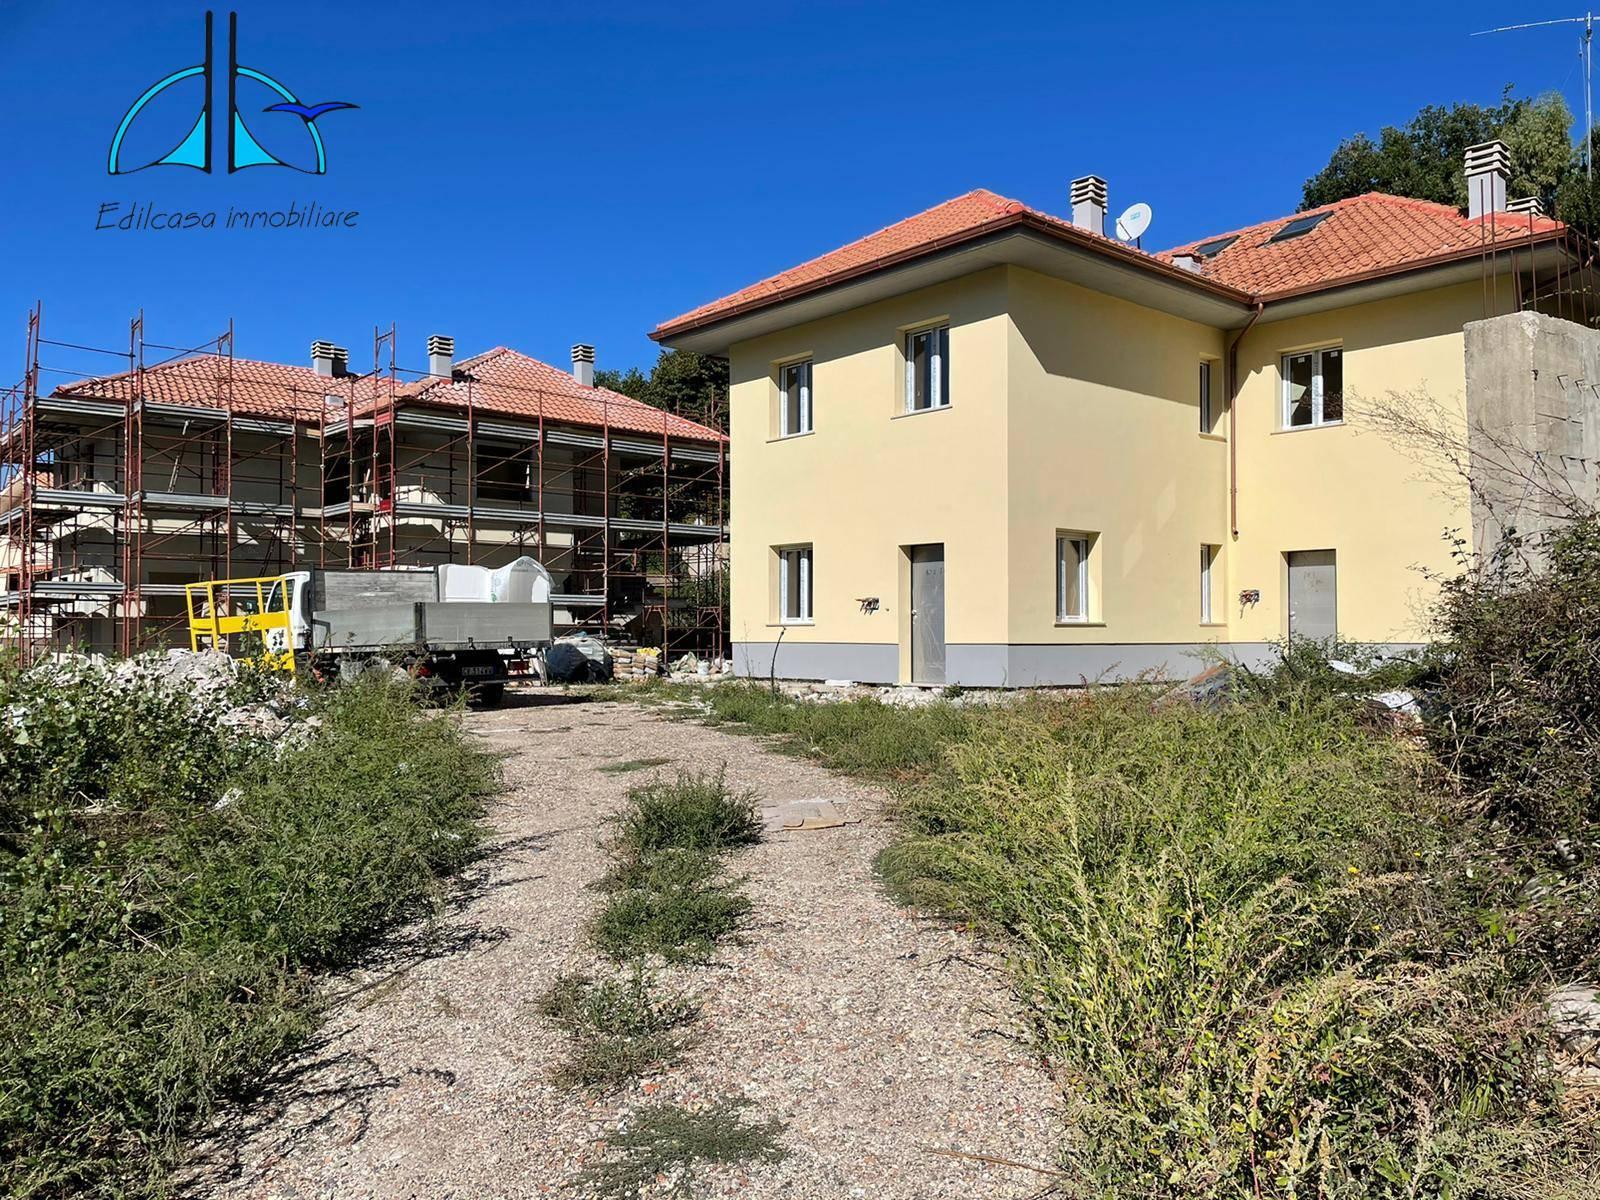 Appartamento in vendita a Scandriglia, 2 locali, prezzo € 50.000 | CambioCasa.it